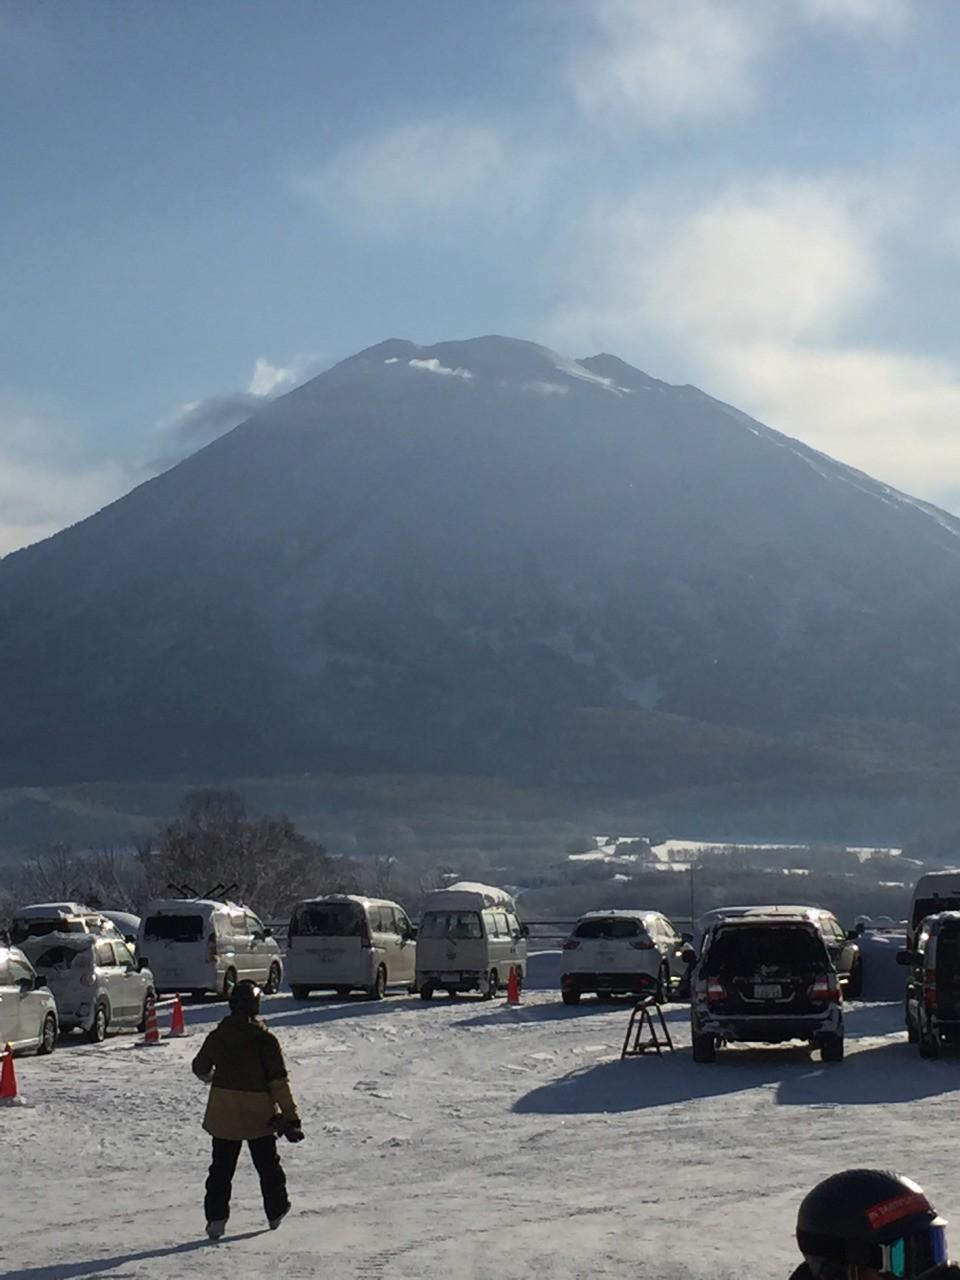 @lyndski skinned up this Volcano Niseko,Japan